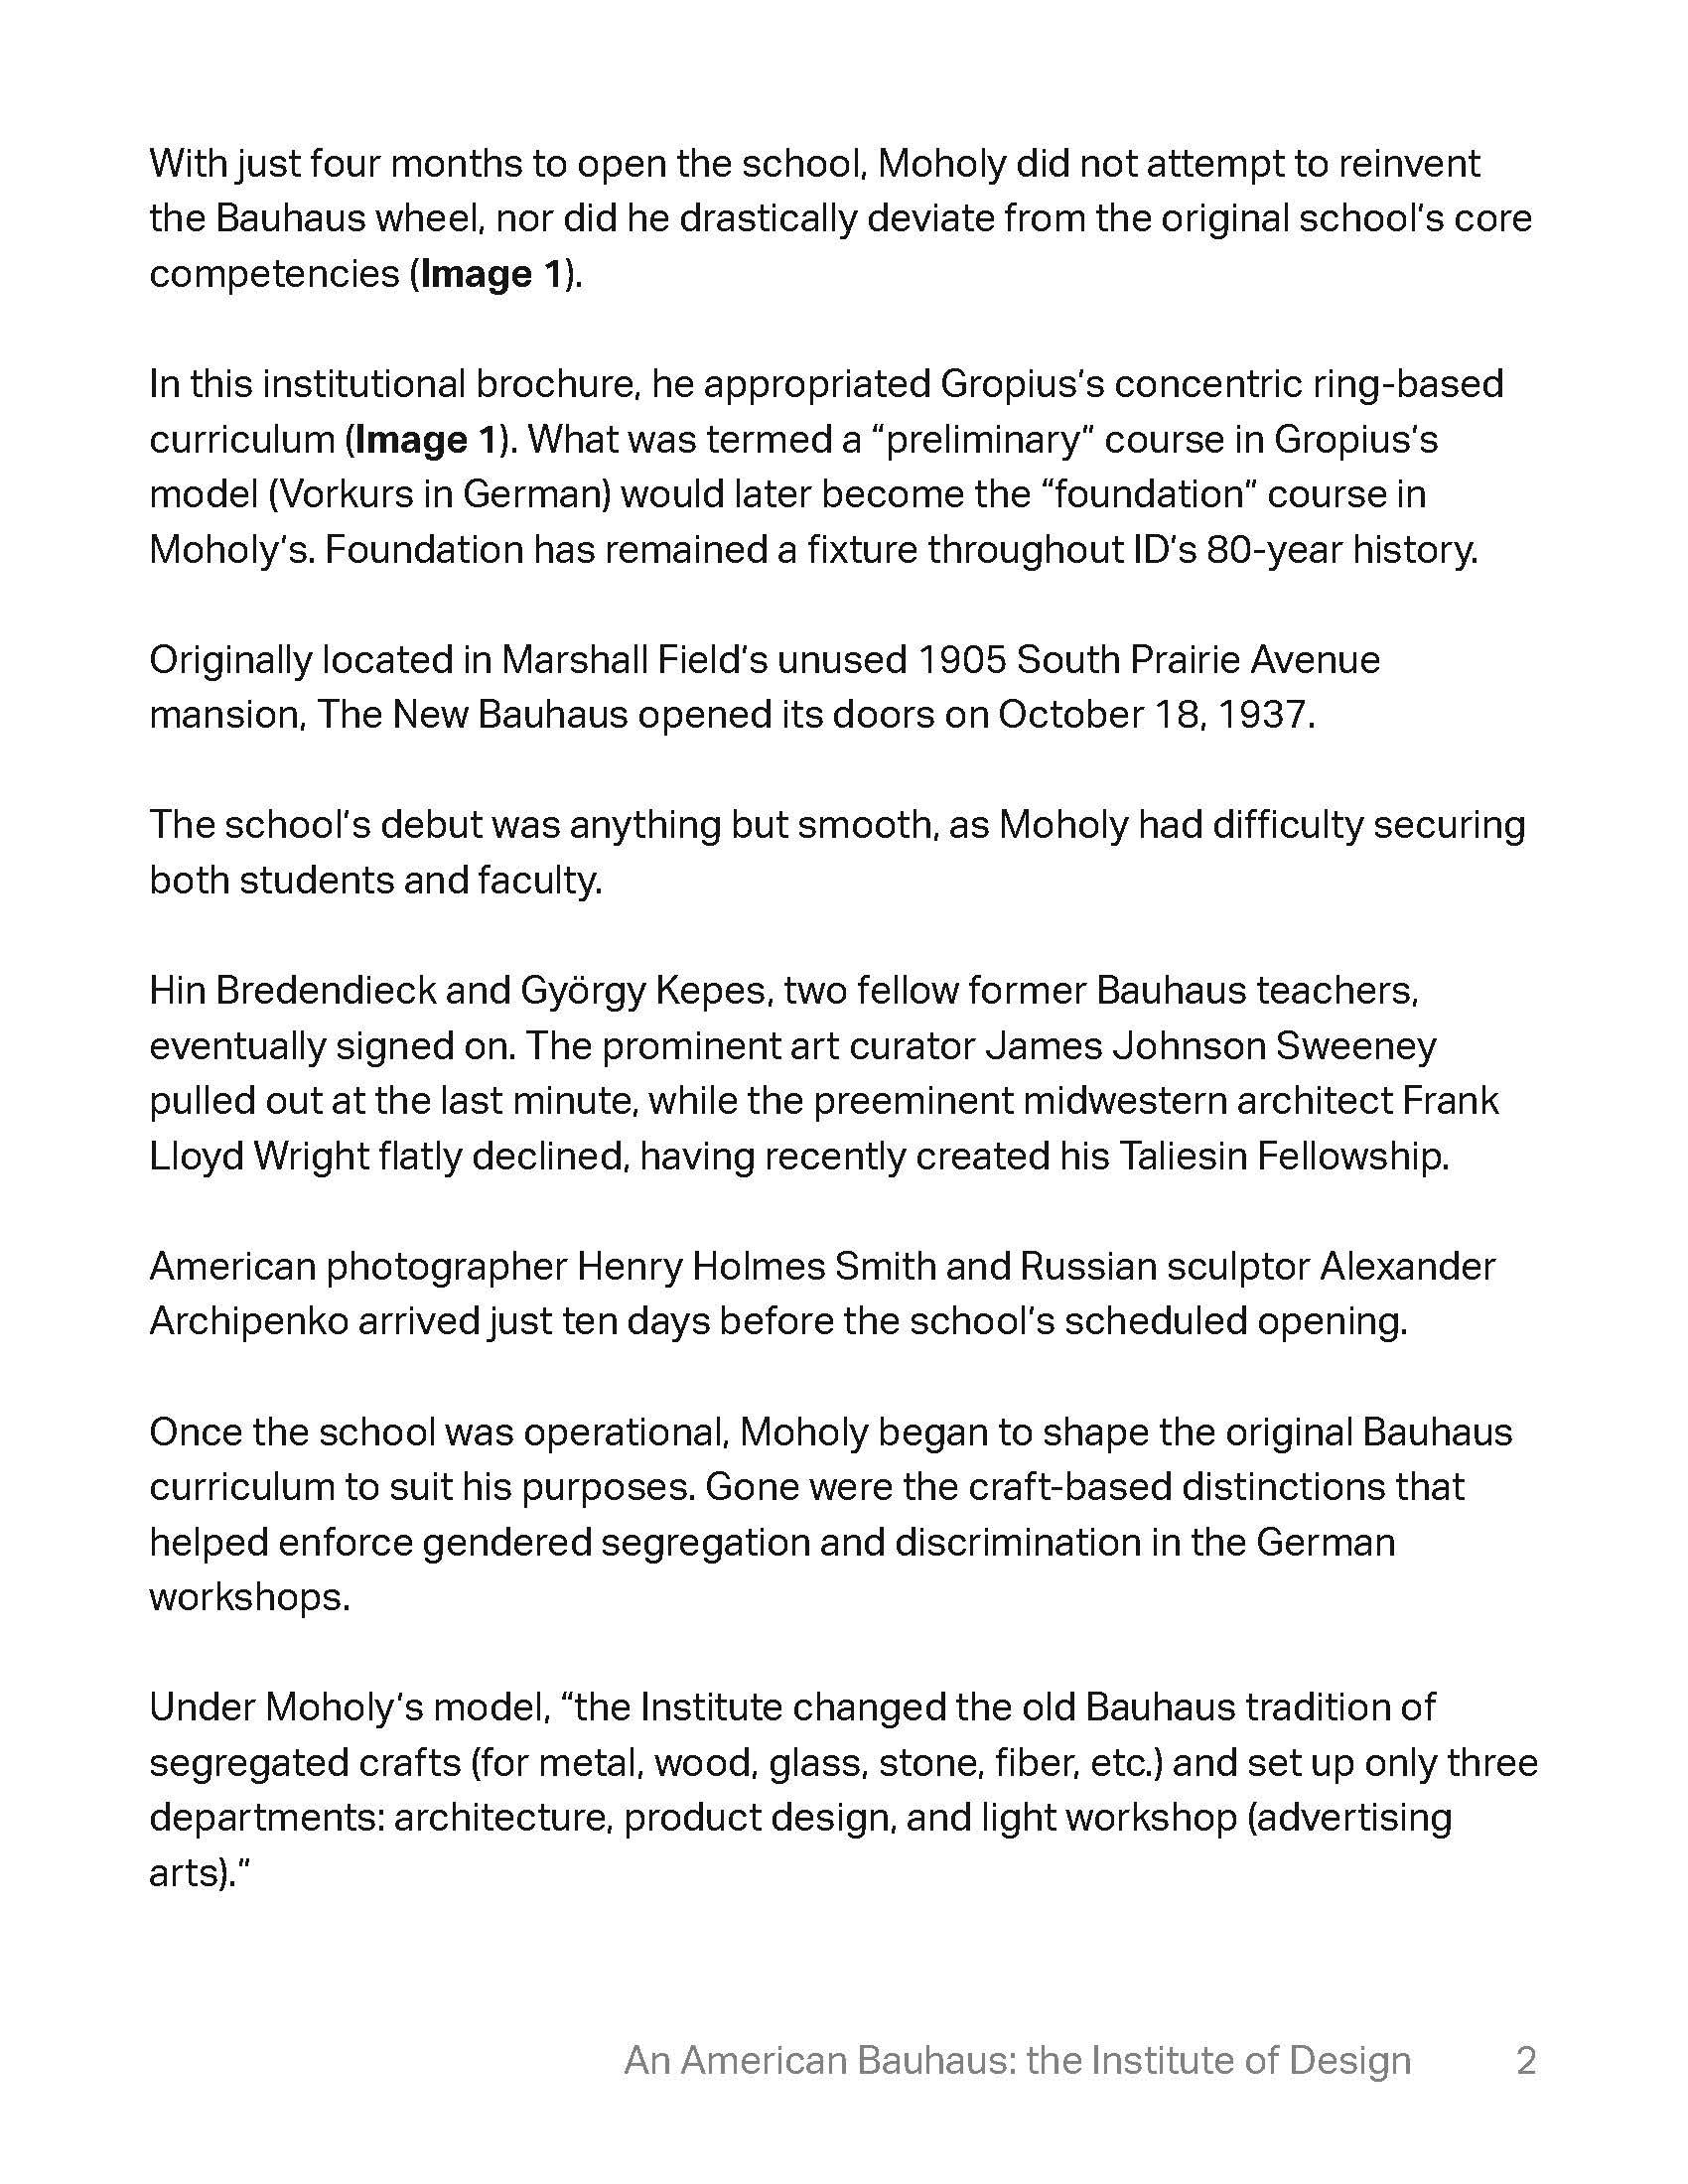 American Bauhaus Text_Page_2.jpg